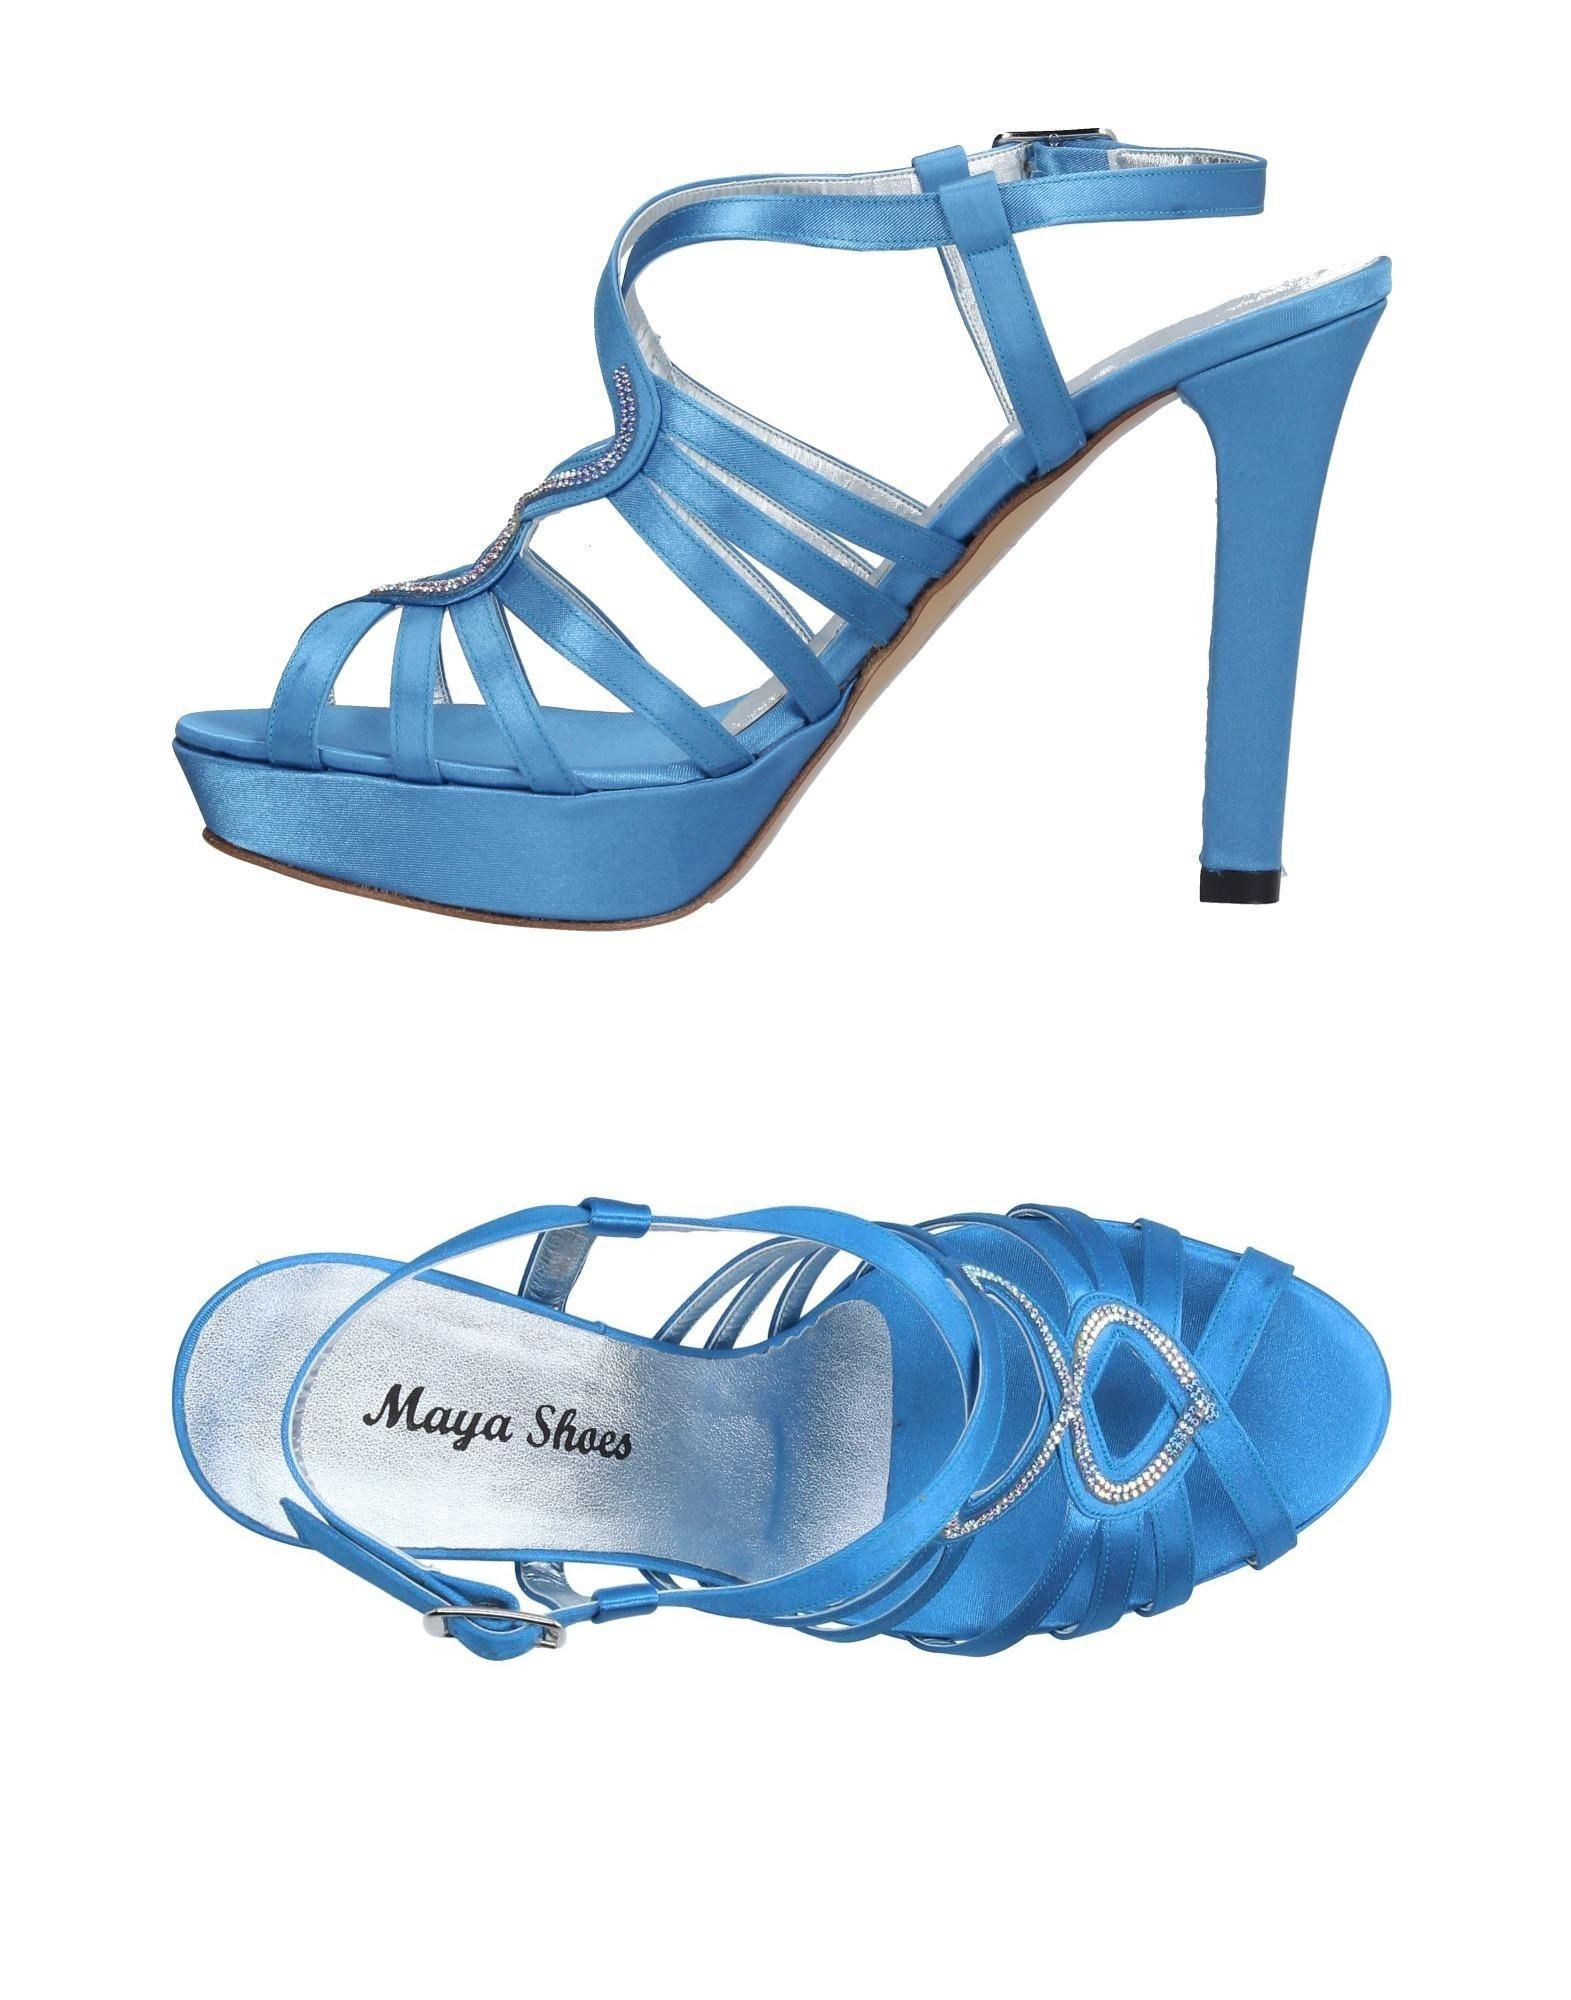 Sandali Maya Shoes Donna - 11212132CO